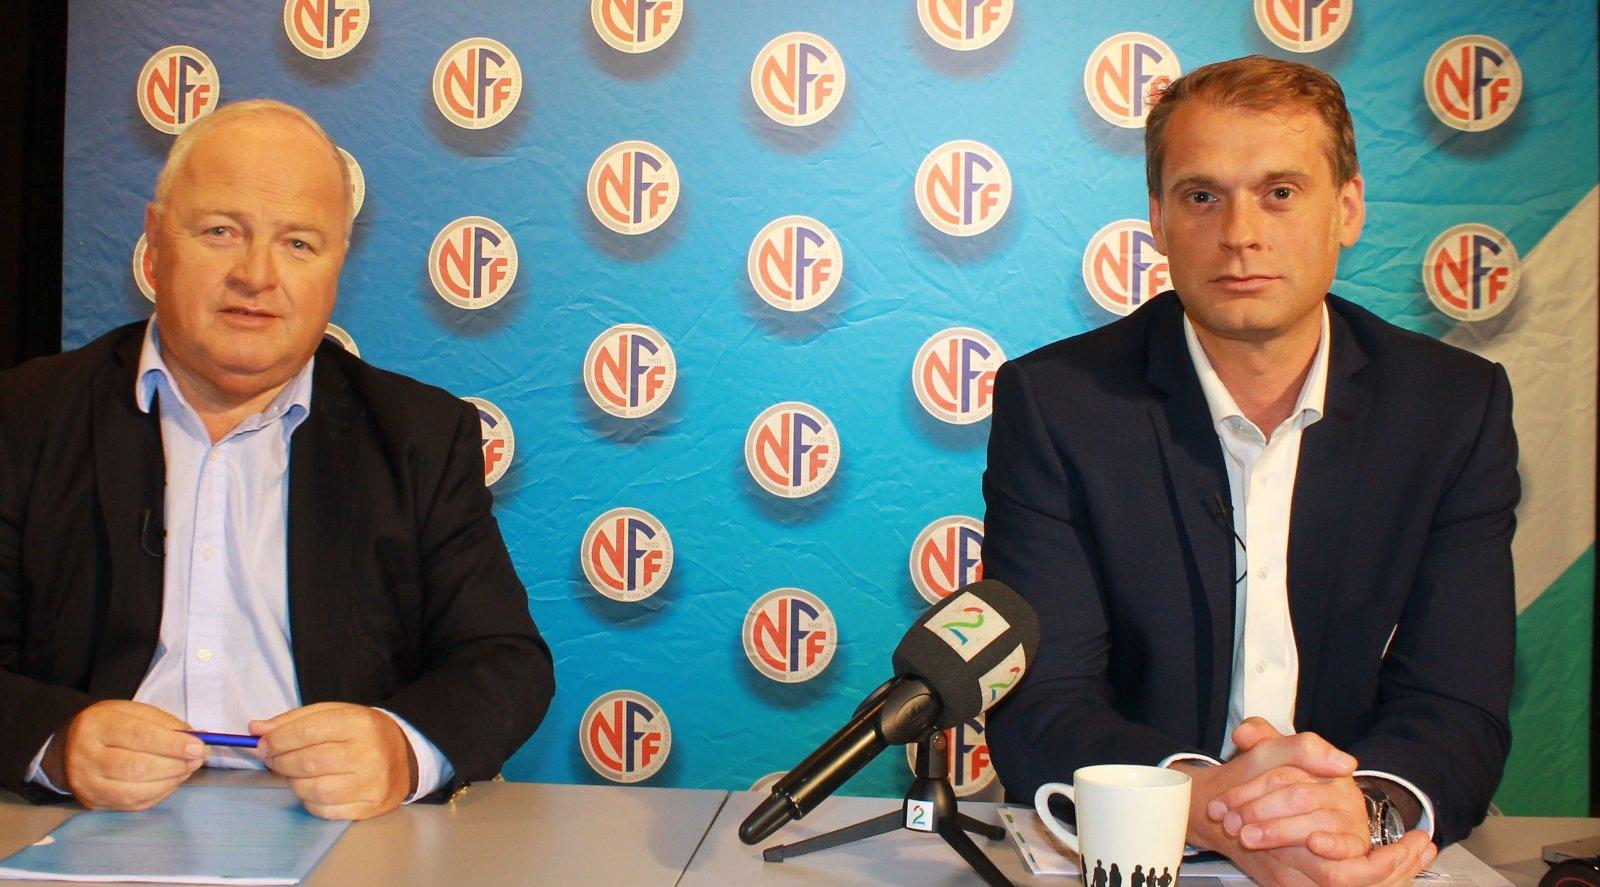 Fotballpresident Terje Svendsen og klubblisensansvarlig Rune Nordhaug gleder seg over utviklingen i klubbøkonomien hos toppfotballklubbene. Foto: NFF